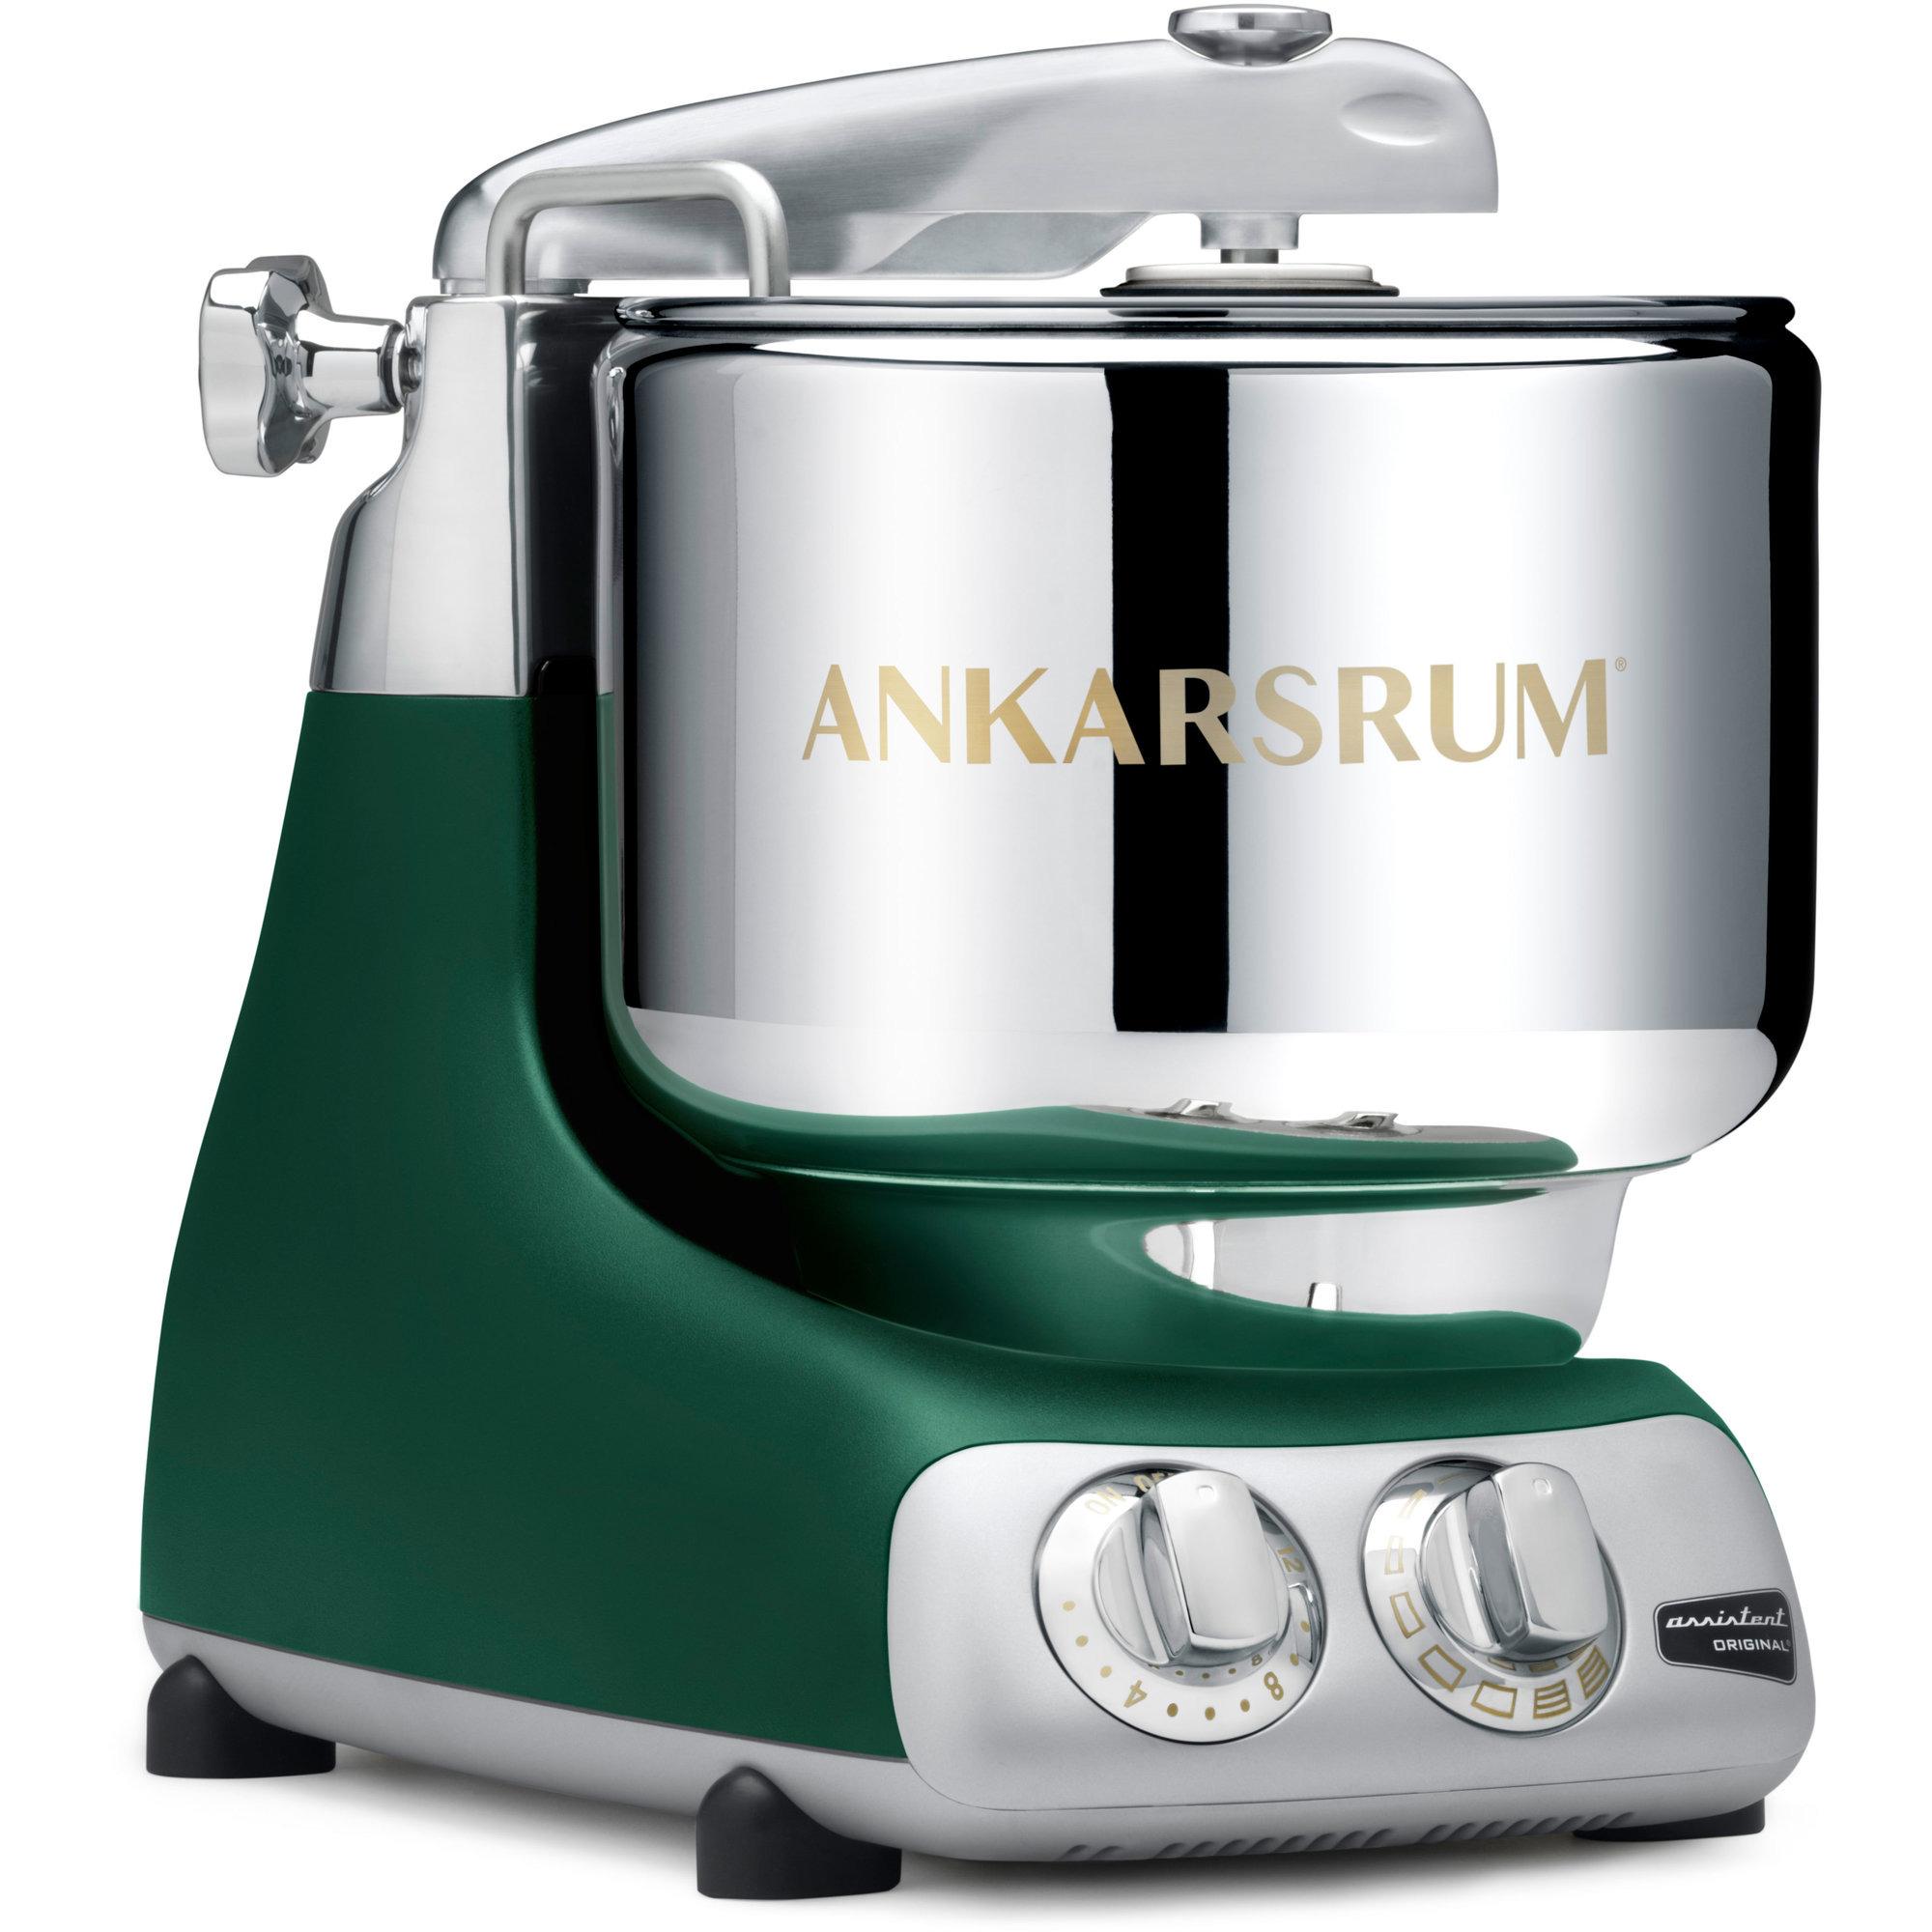 Bilde av Ankarsrum Akm 6230 Kjøkkenmaskine Original Forrest Green